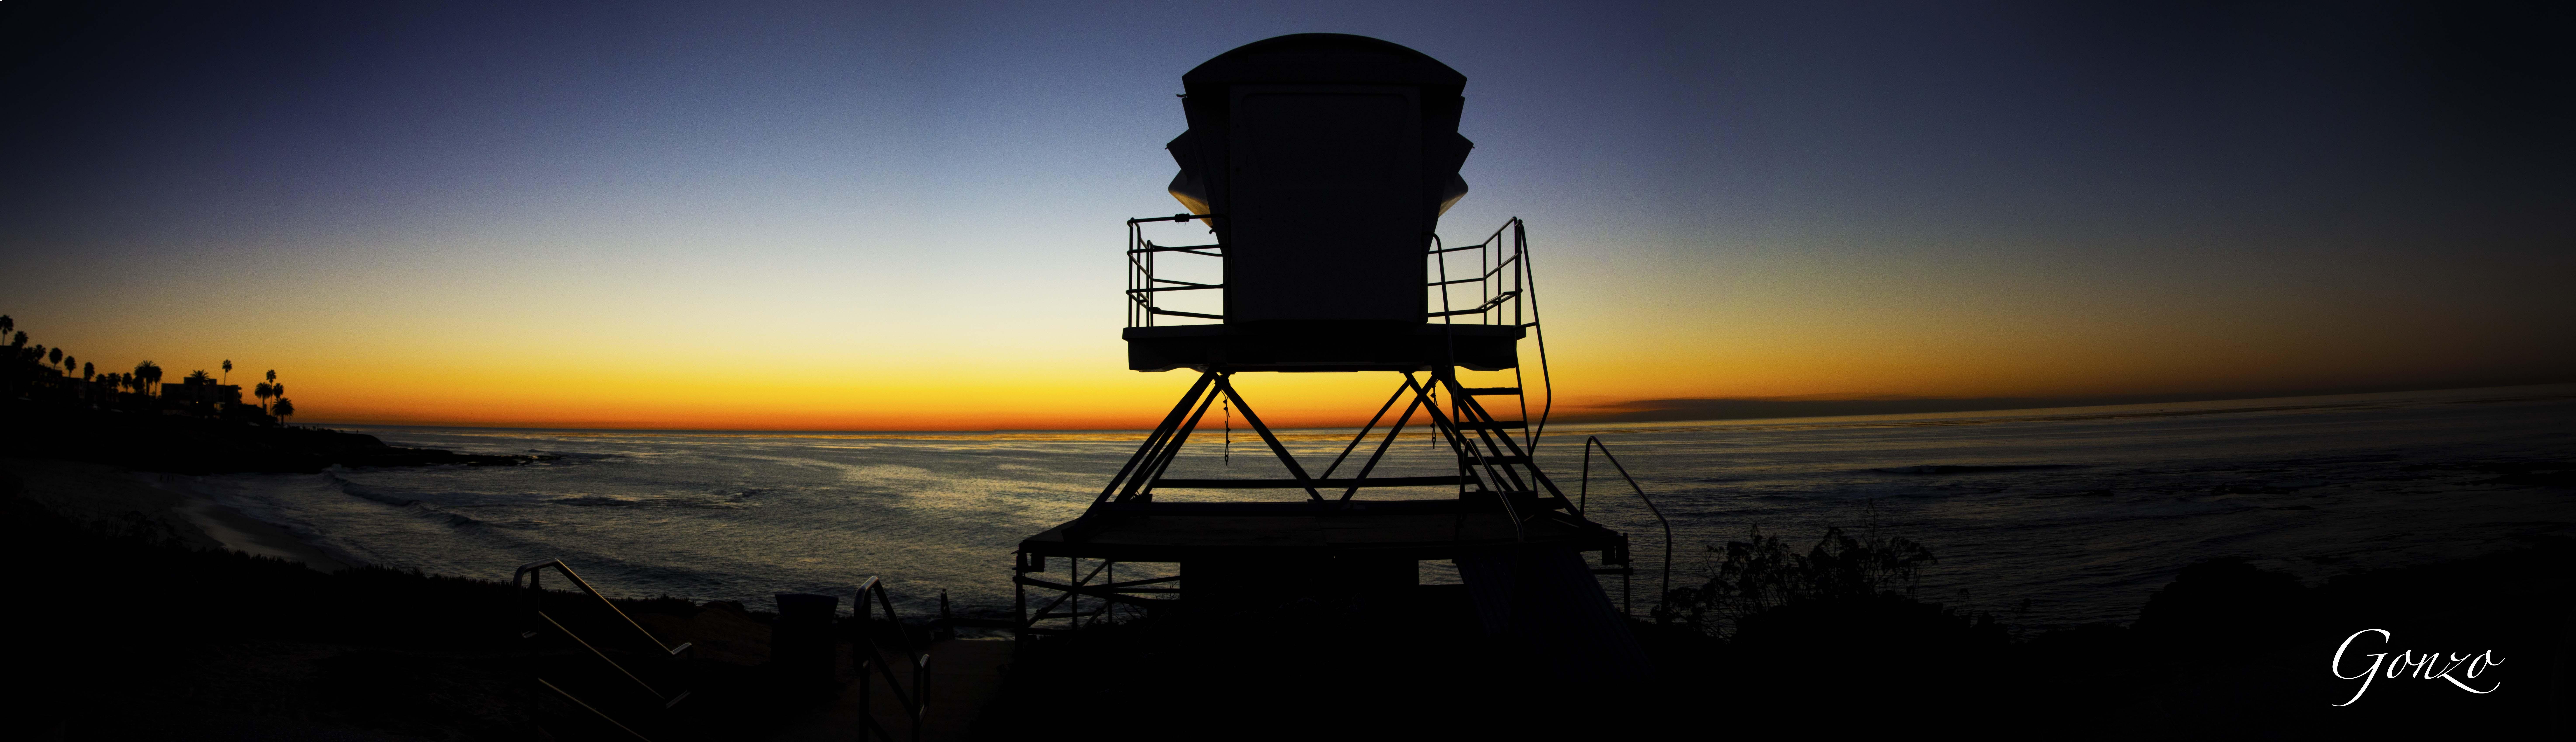 Life Guard Sunset